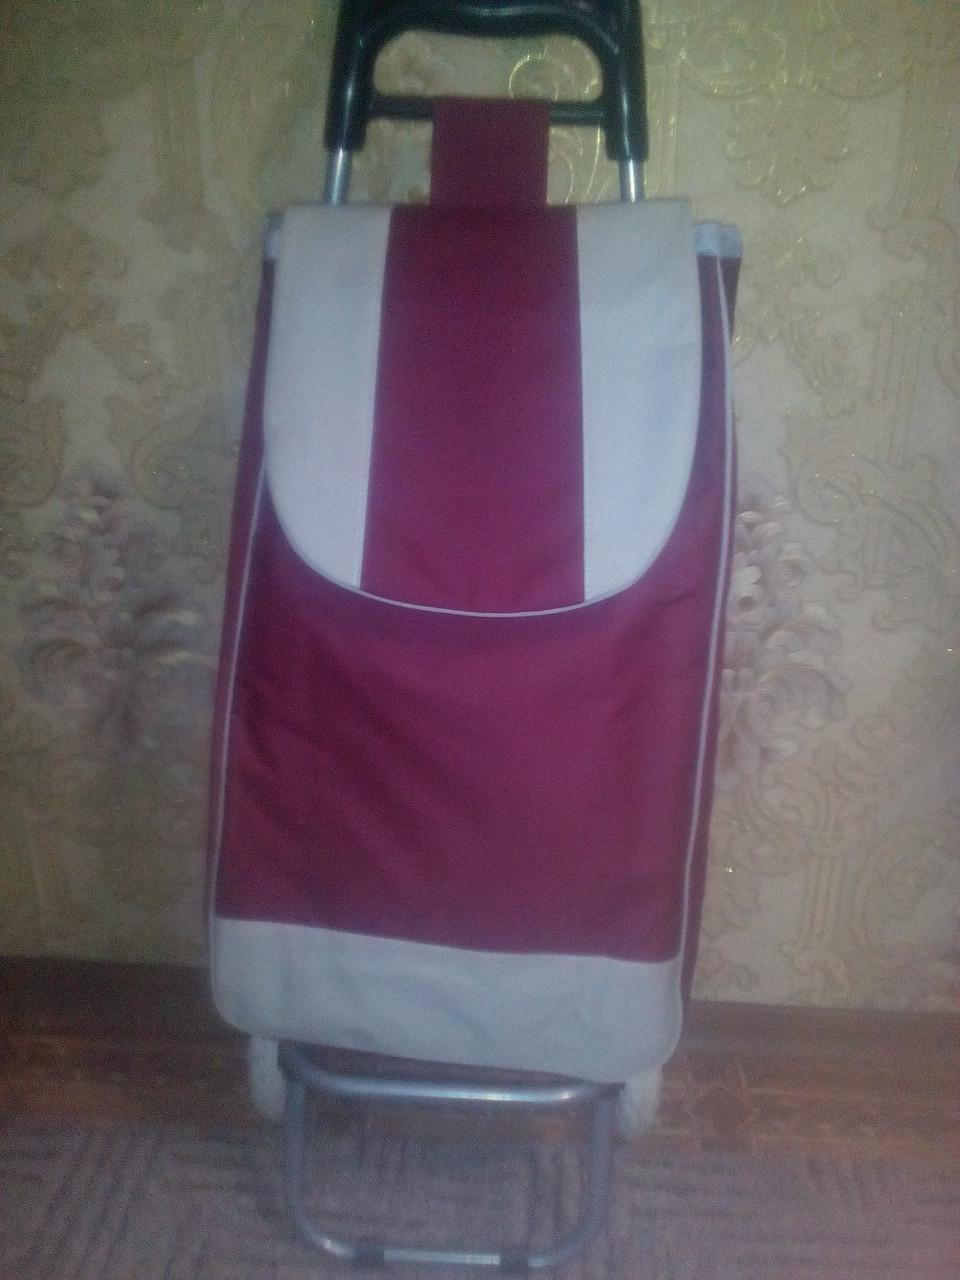 Тележка хозяйственная с прочной бордовой сумкой